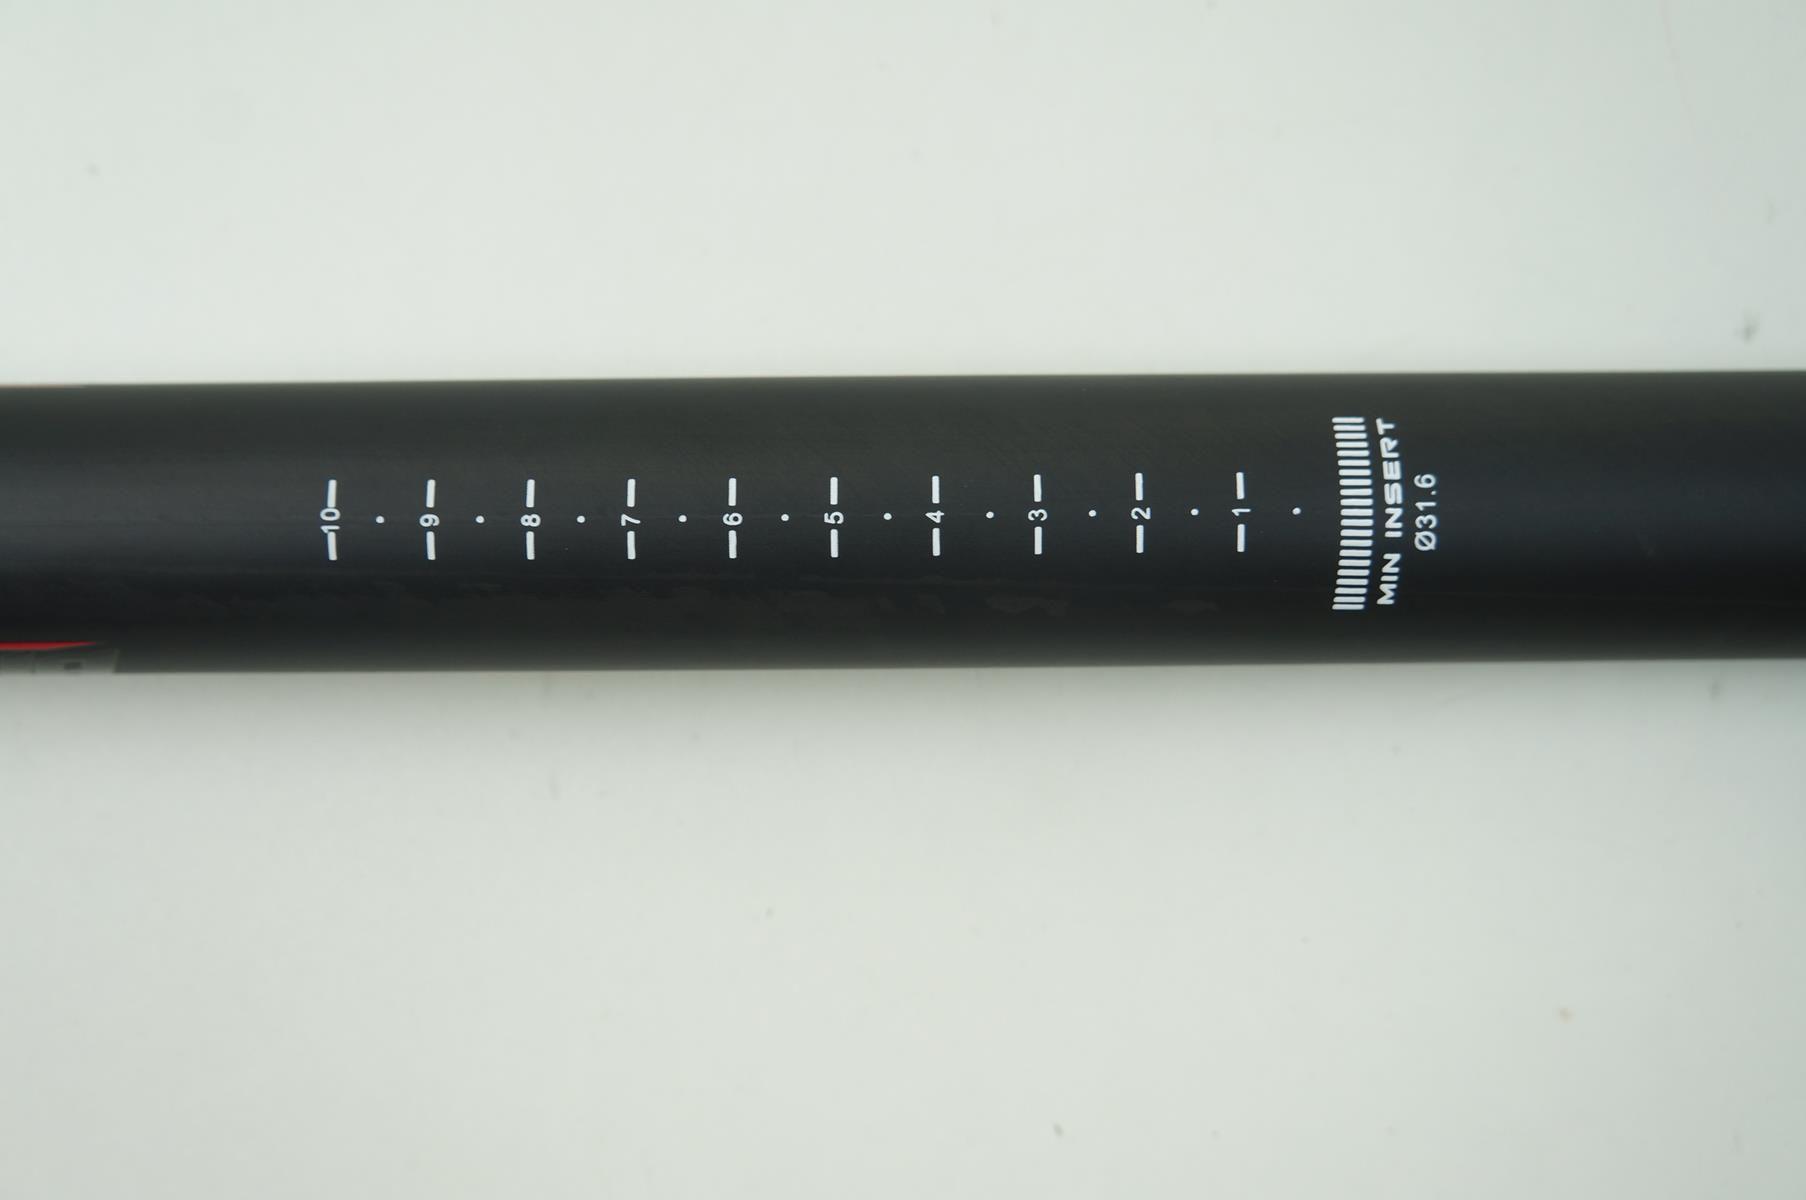 Canote de Selim Vicinitech em Carbono 31.6 x 400mm Preto com Microajuste